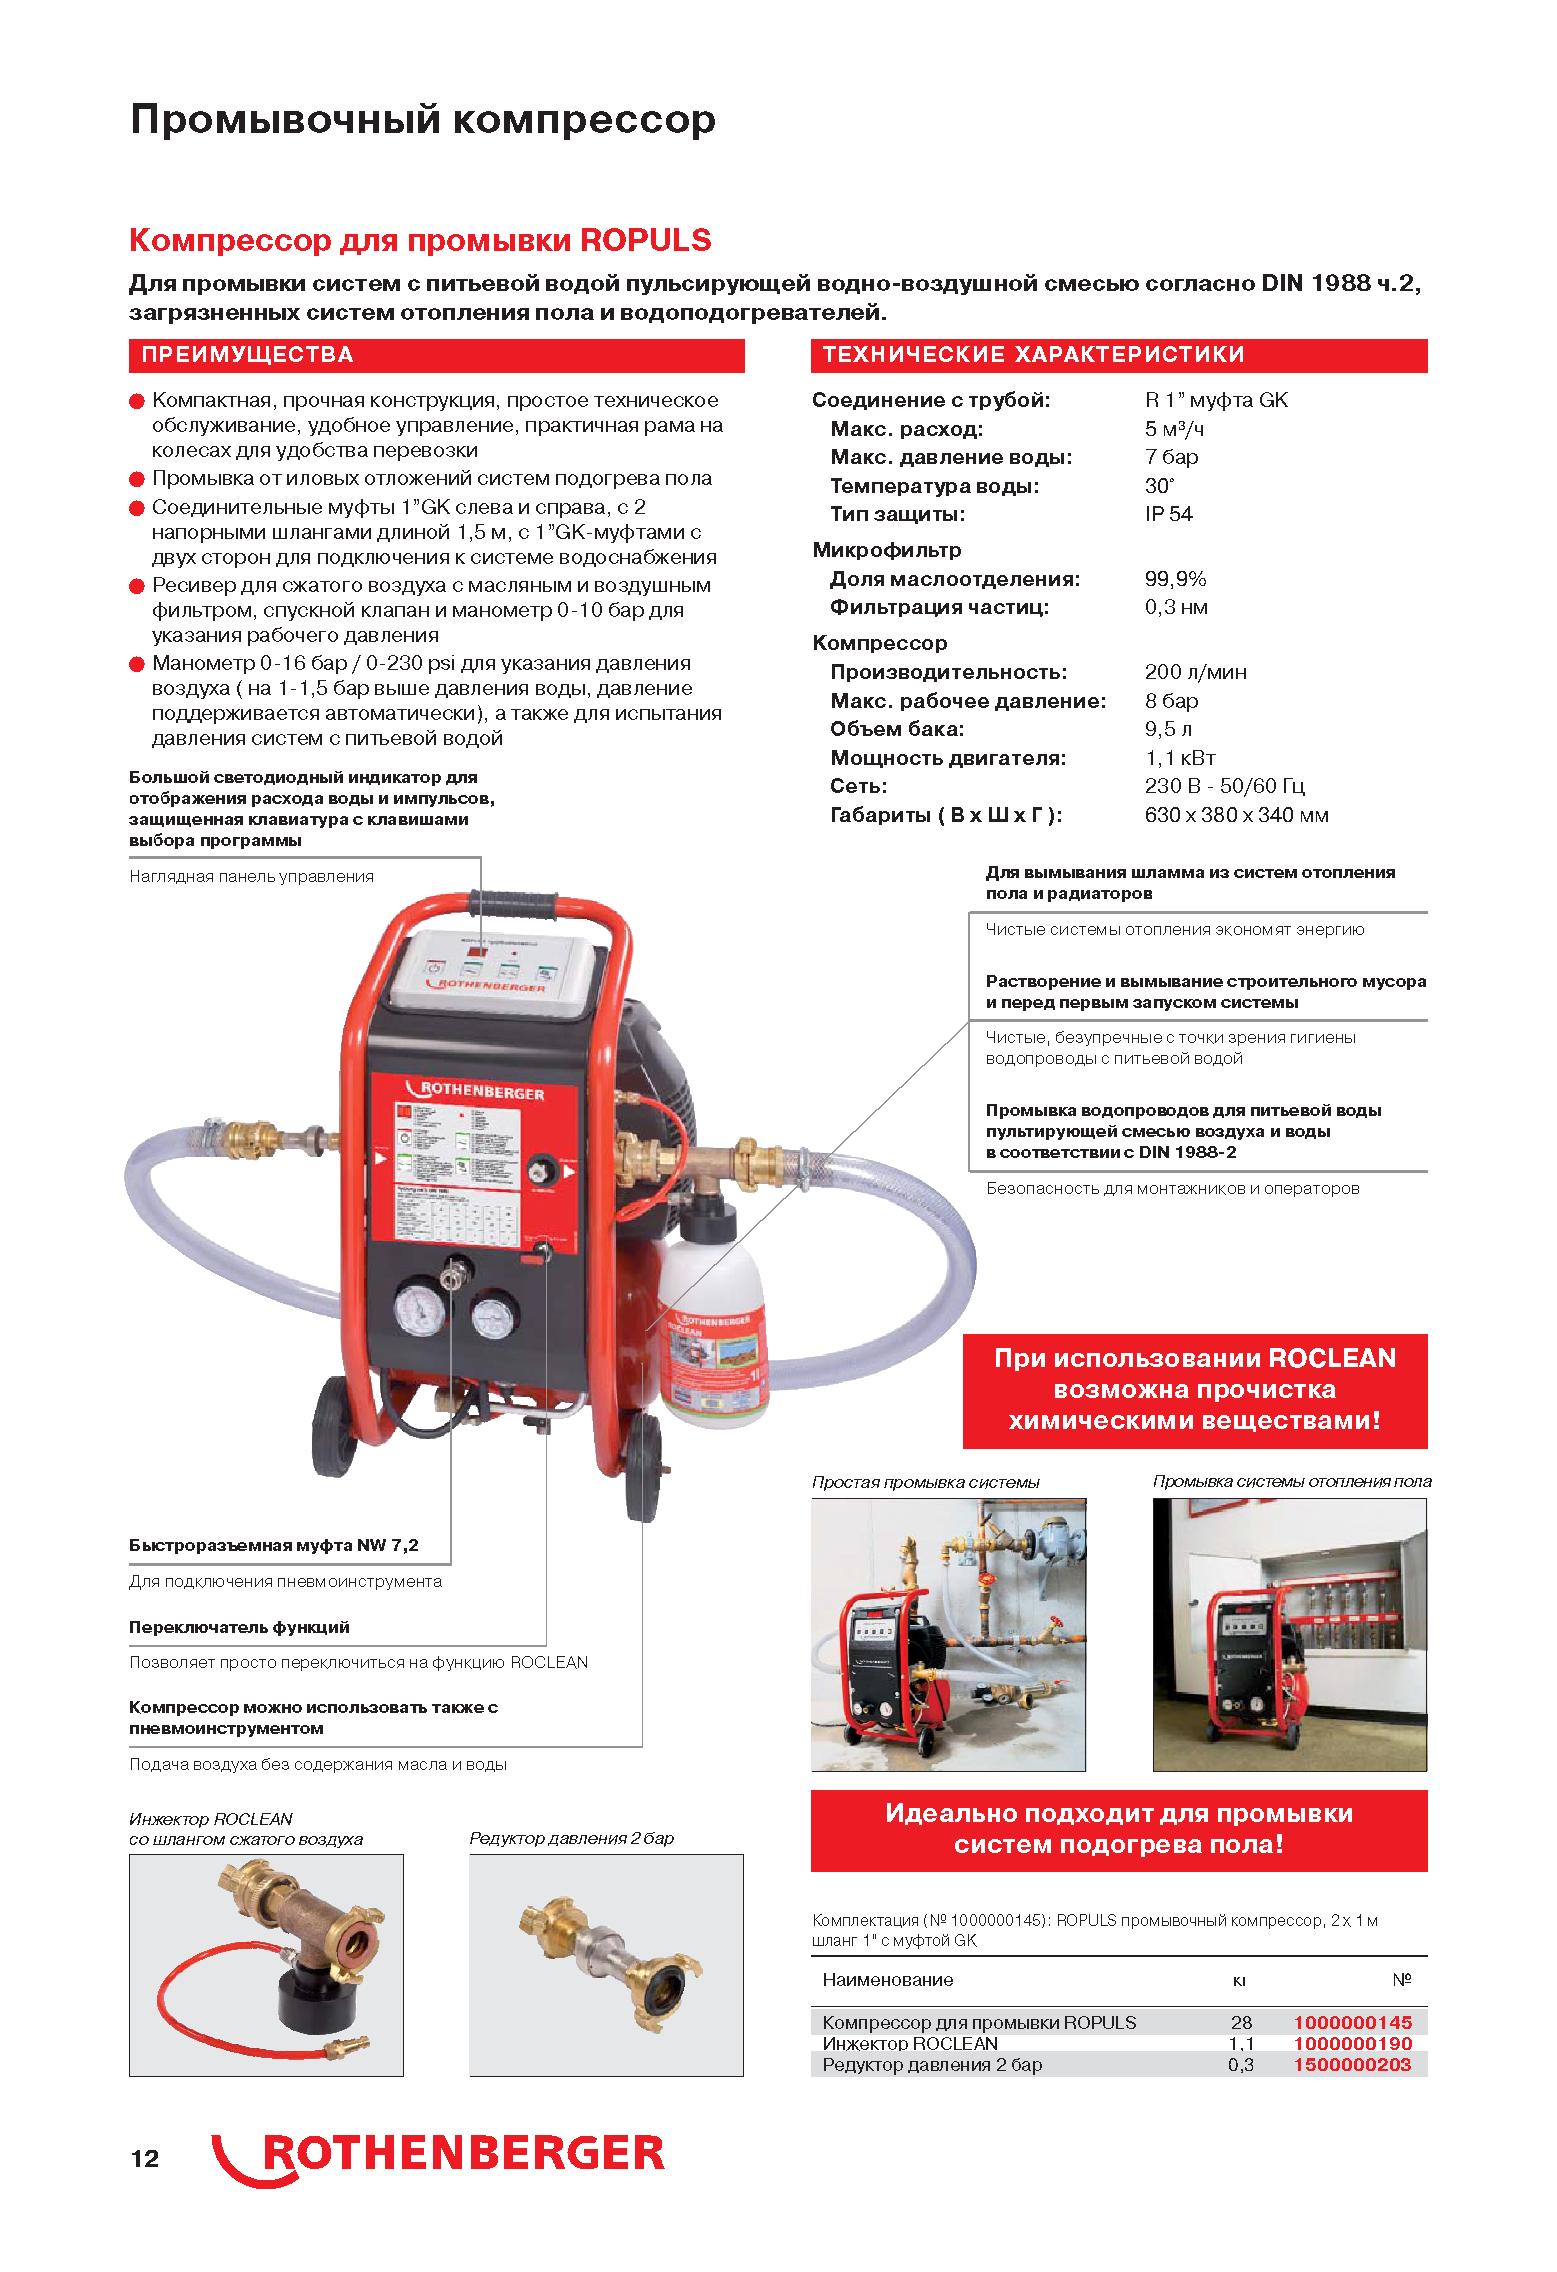 Промывка и опрессовка системы отопления | всё об отоплении